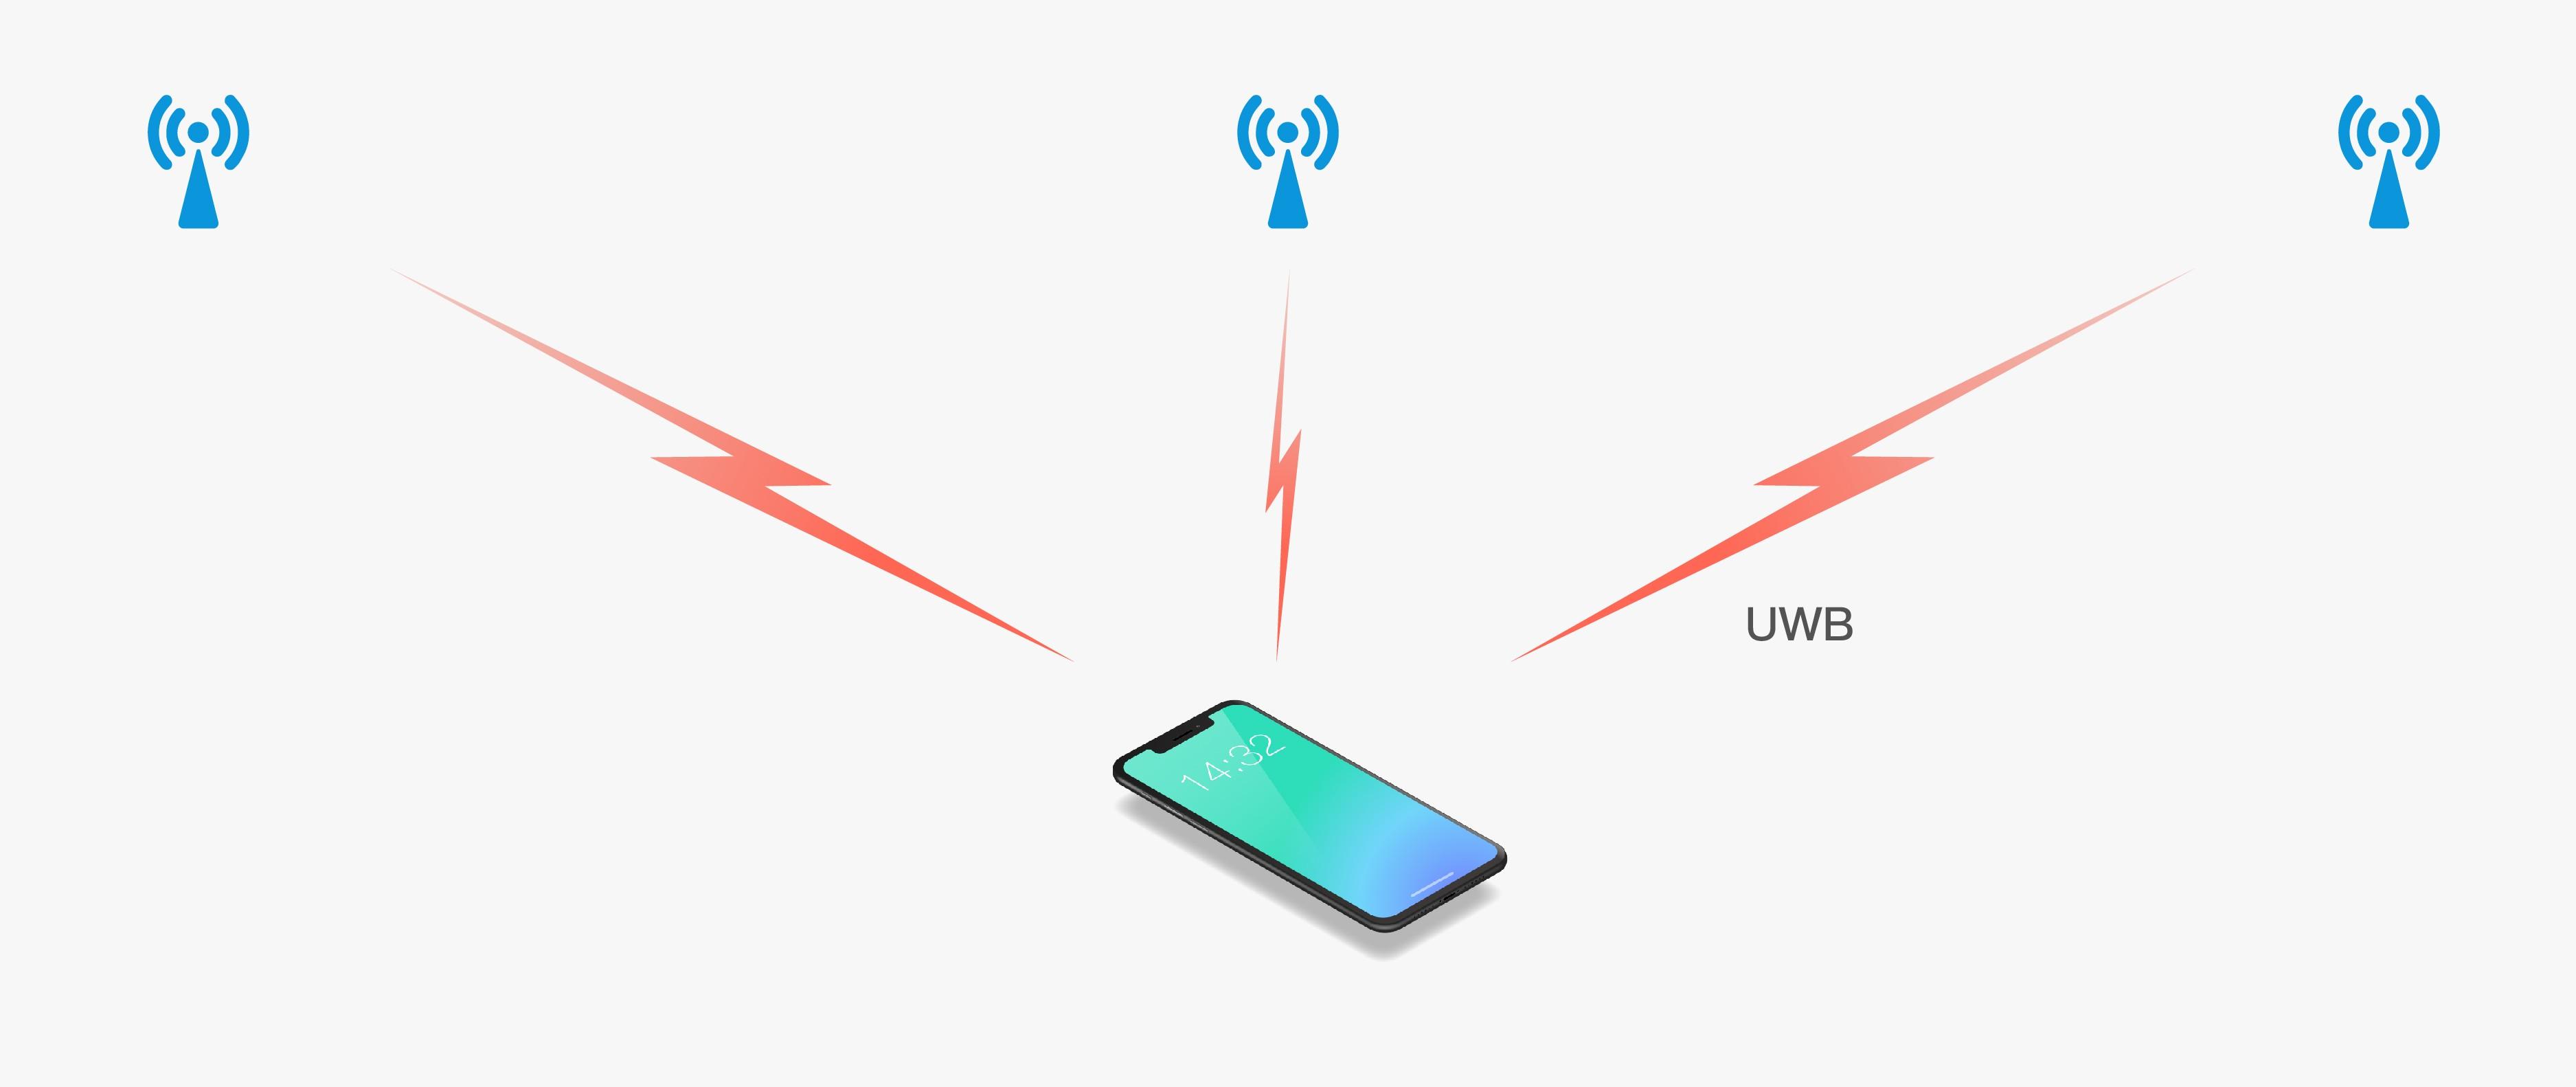 uwb室内定位